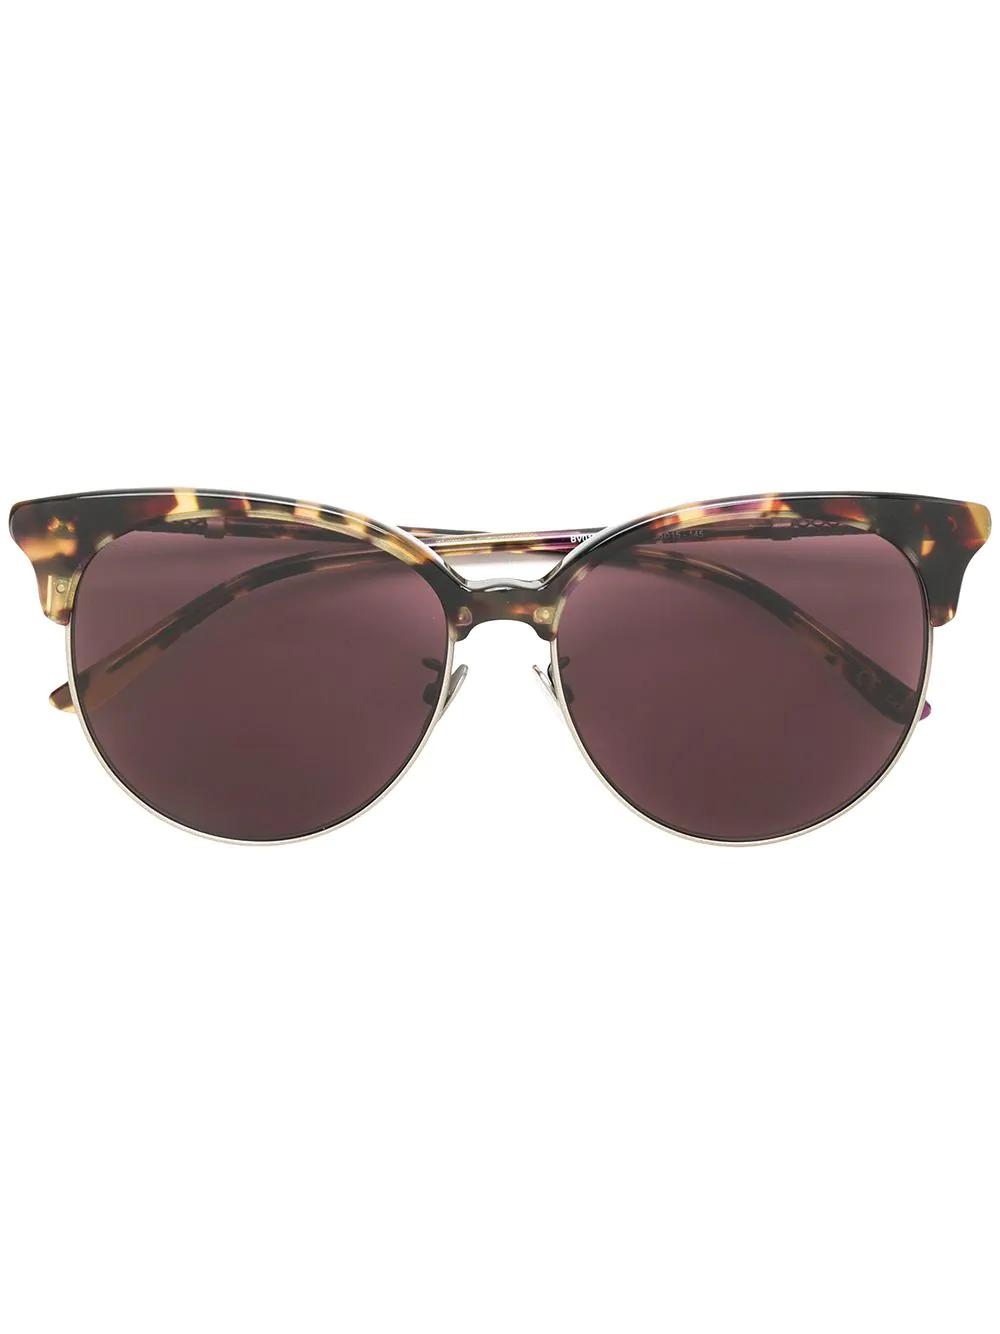 Bottega Veneta | солнцезащитные очки с узором черепашьего панциря | Clouty